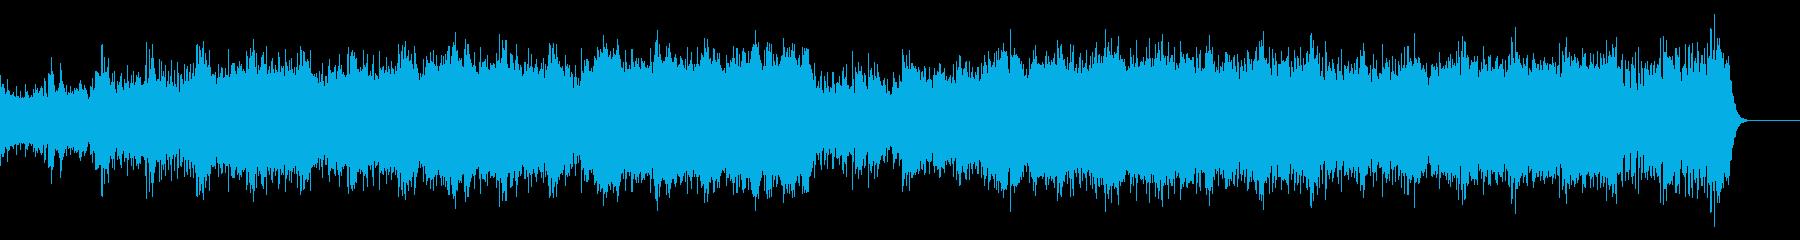 重厚で厳粛なボレロ風映画/ドキュメントの再生済みの波形